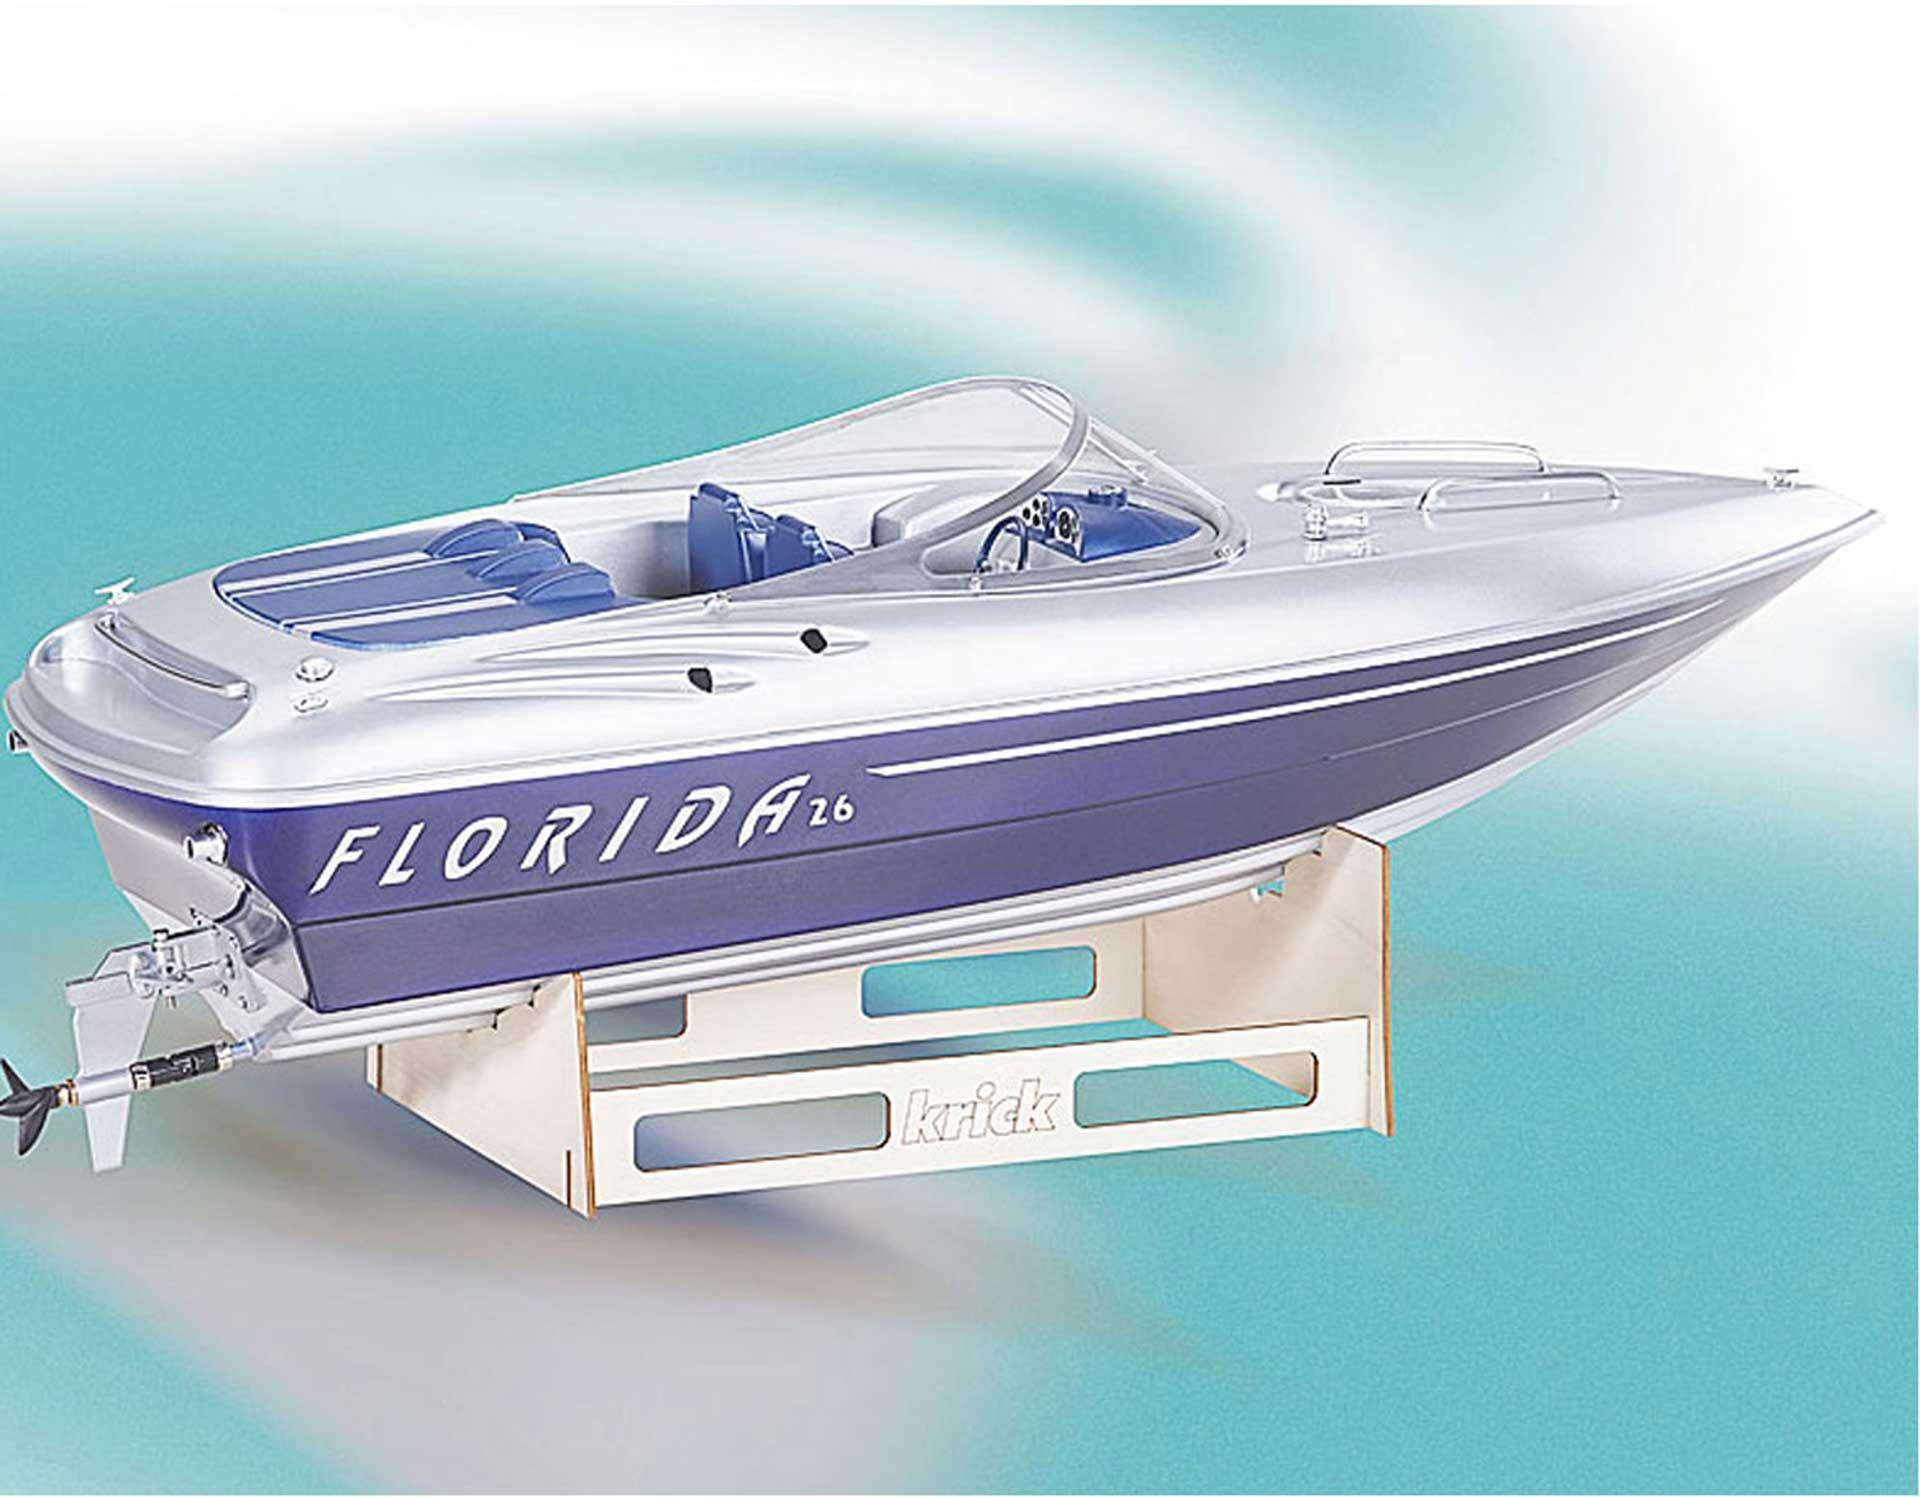 ROMARIN FLORIDA MOTORBOAT KIT 1:10 ELECTRIC